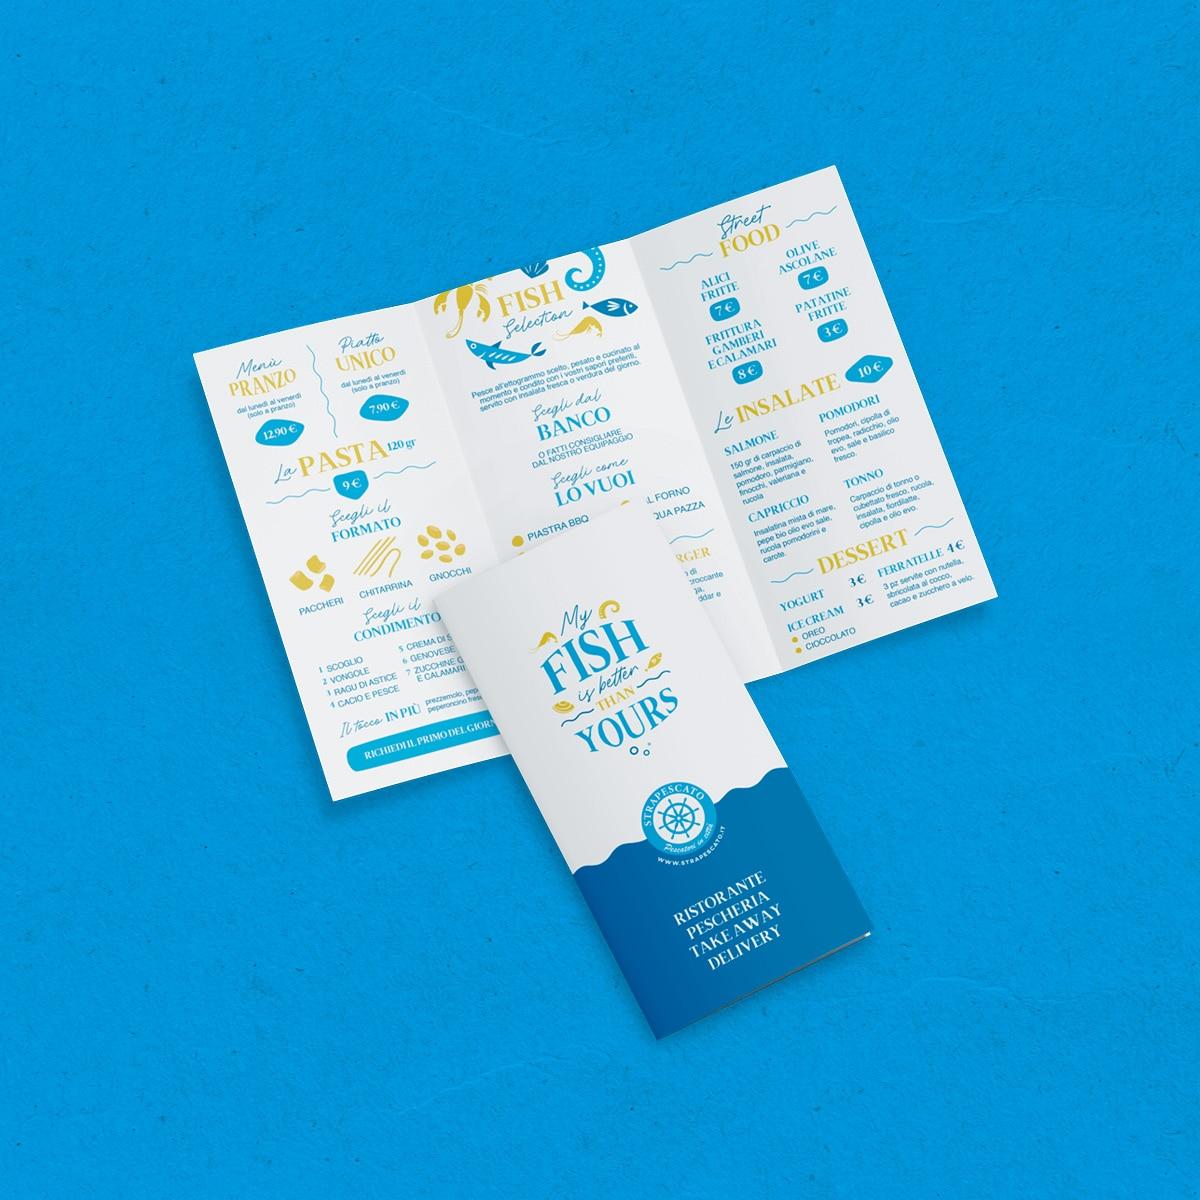 constant design realizzazione brochure Strapescato L'Aquila siti web L'Aquila